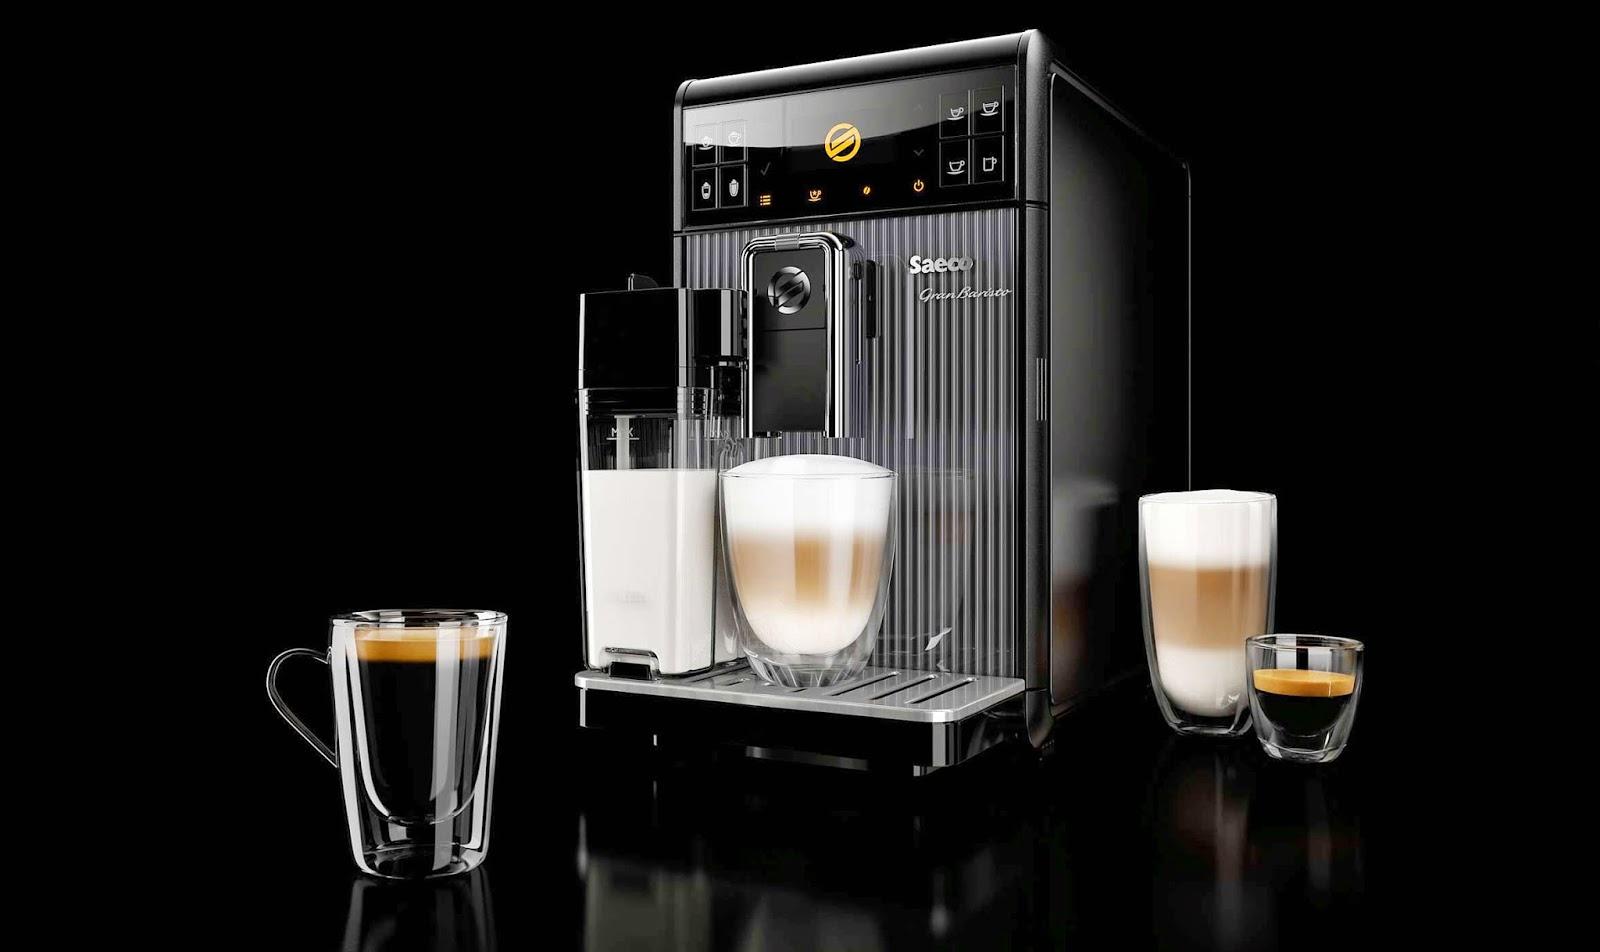 ...si ne da noua astazi cafeaua cea de toate zilele!